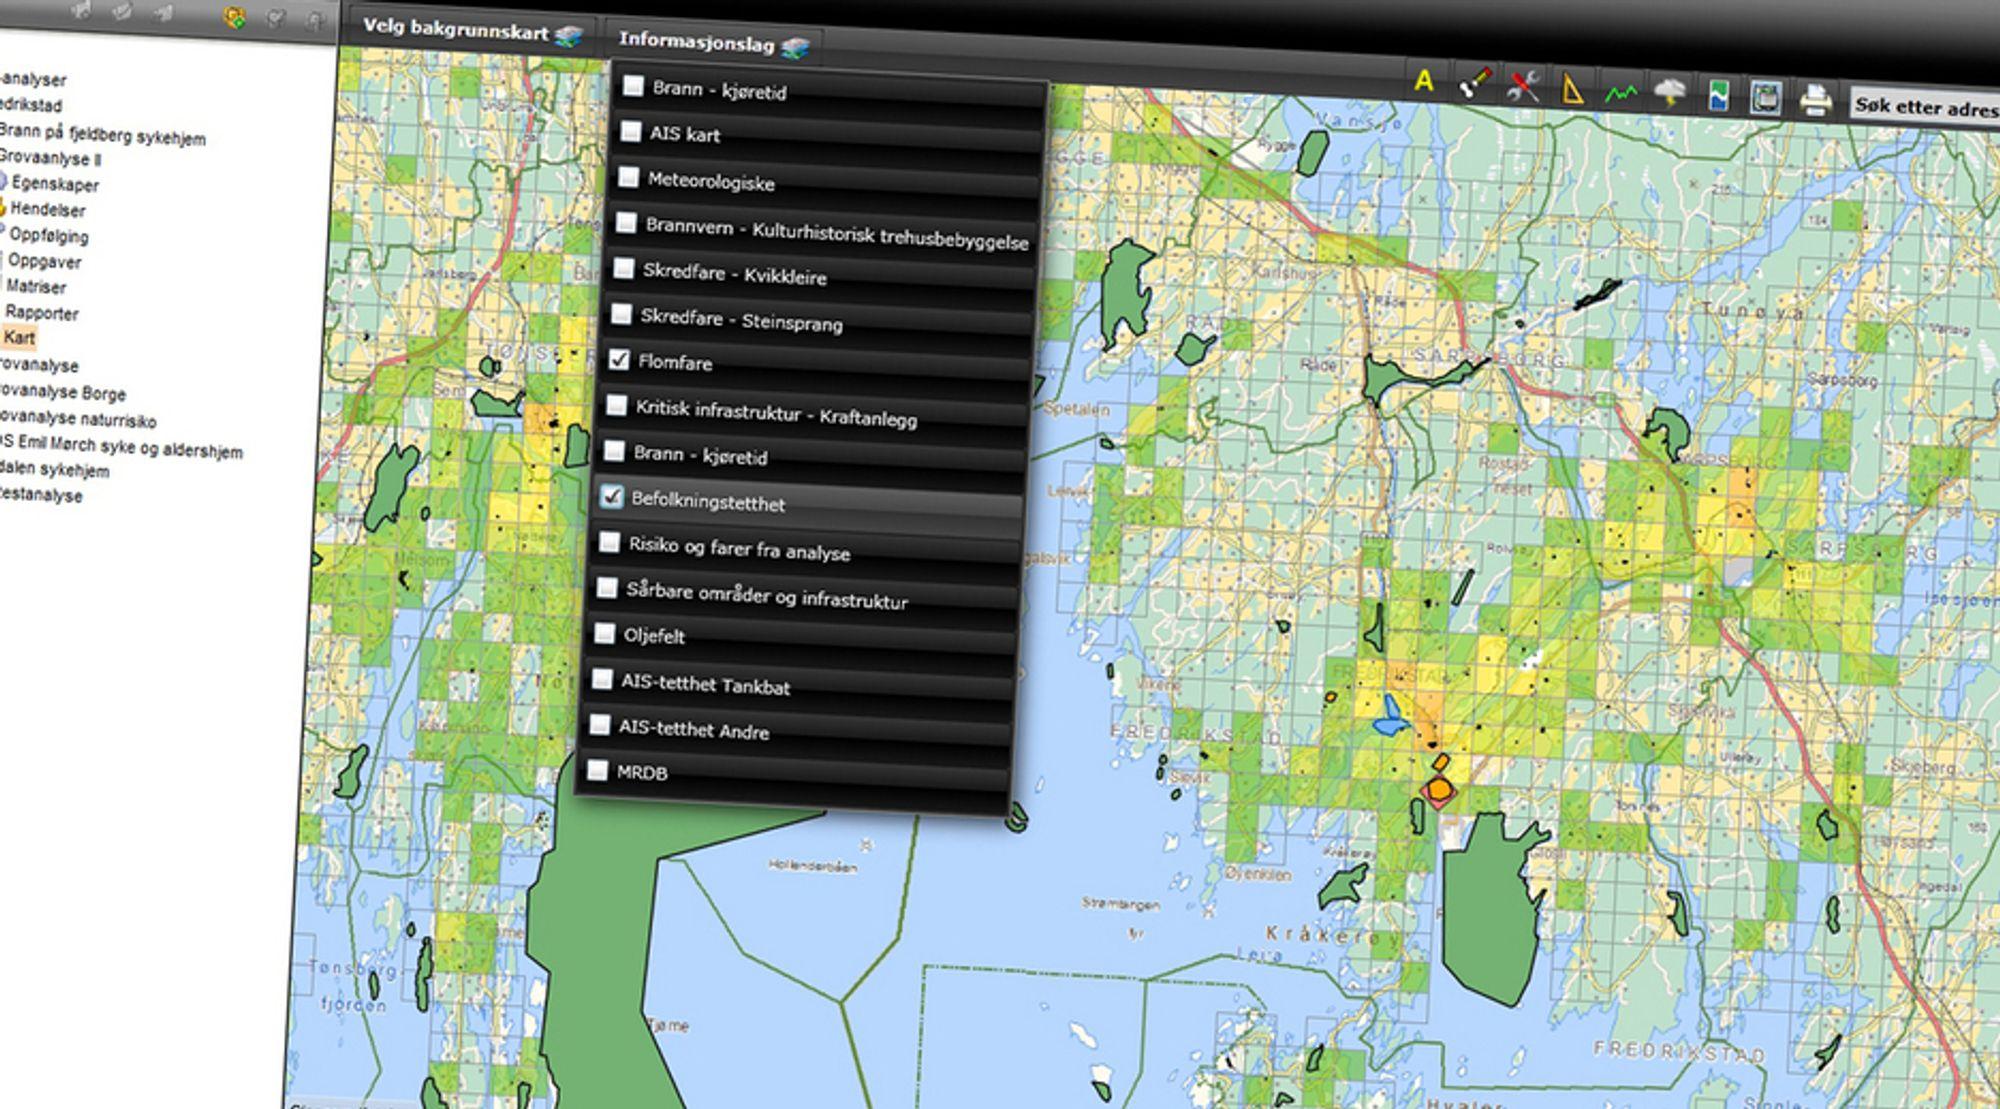 LAG PÅ LAG: Såkalt GIS-analyse i moderne digitale karttjenester gir mulighet for hurtige analyser i krisesituasjoner. Her Geodatas CIM-tilpassede Safepoint 360-programvare i et eksempel fra Fredrikstad sentrum.